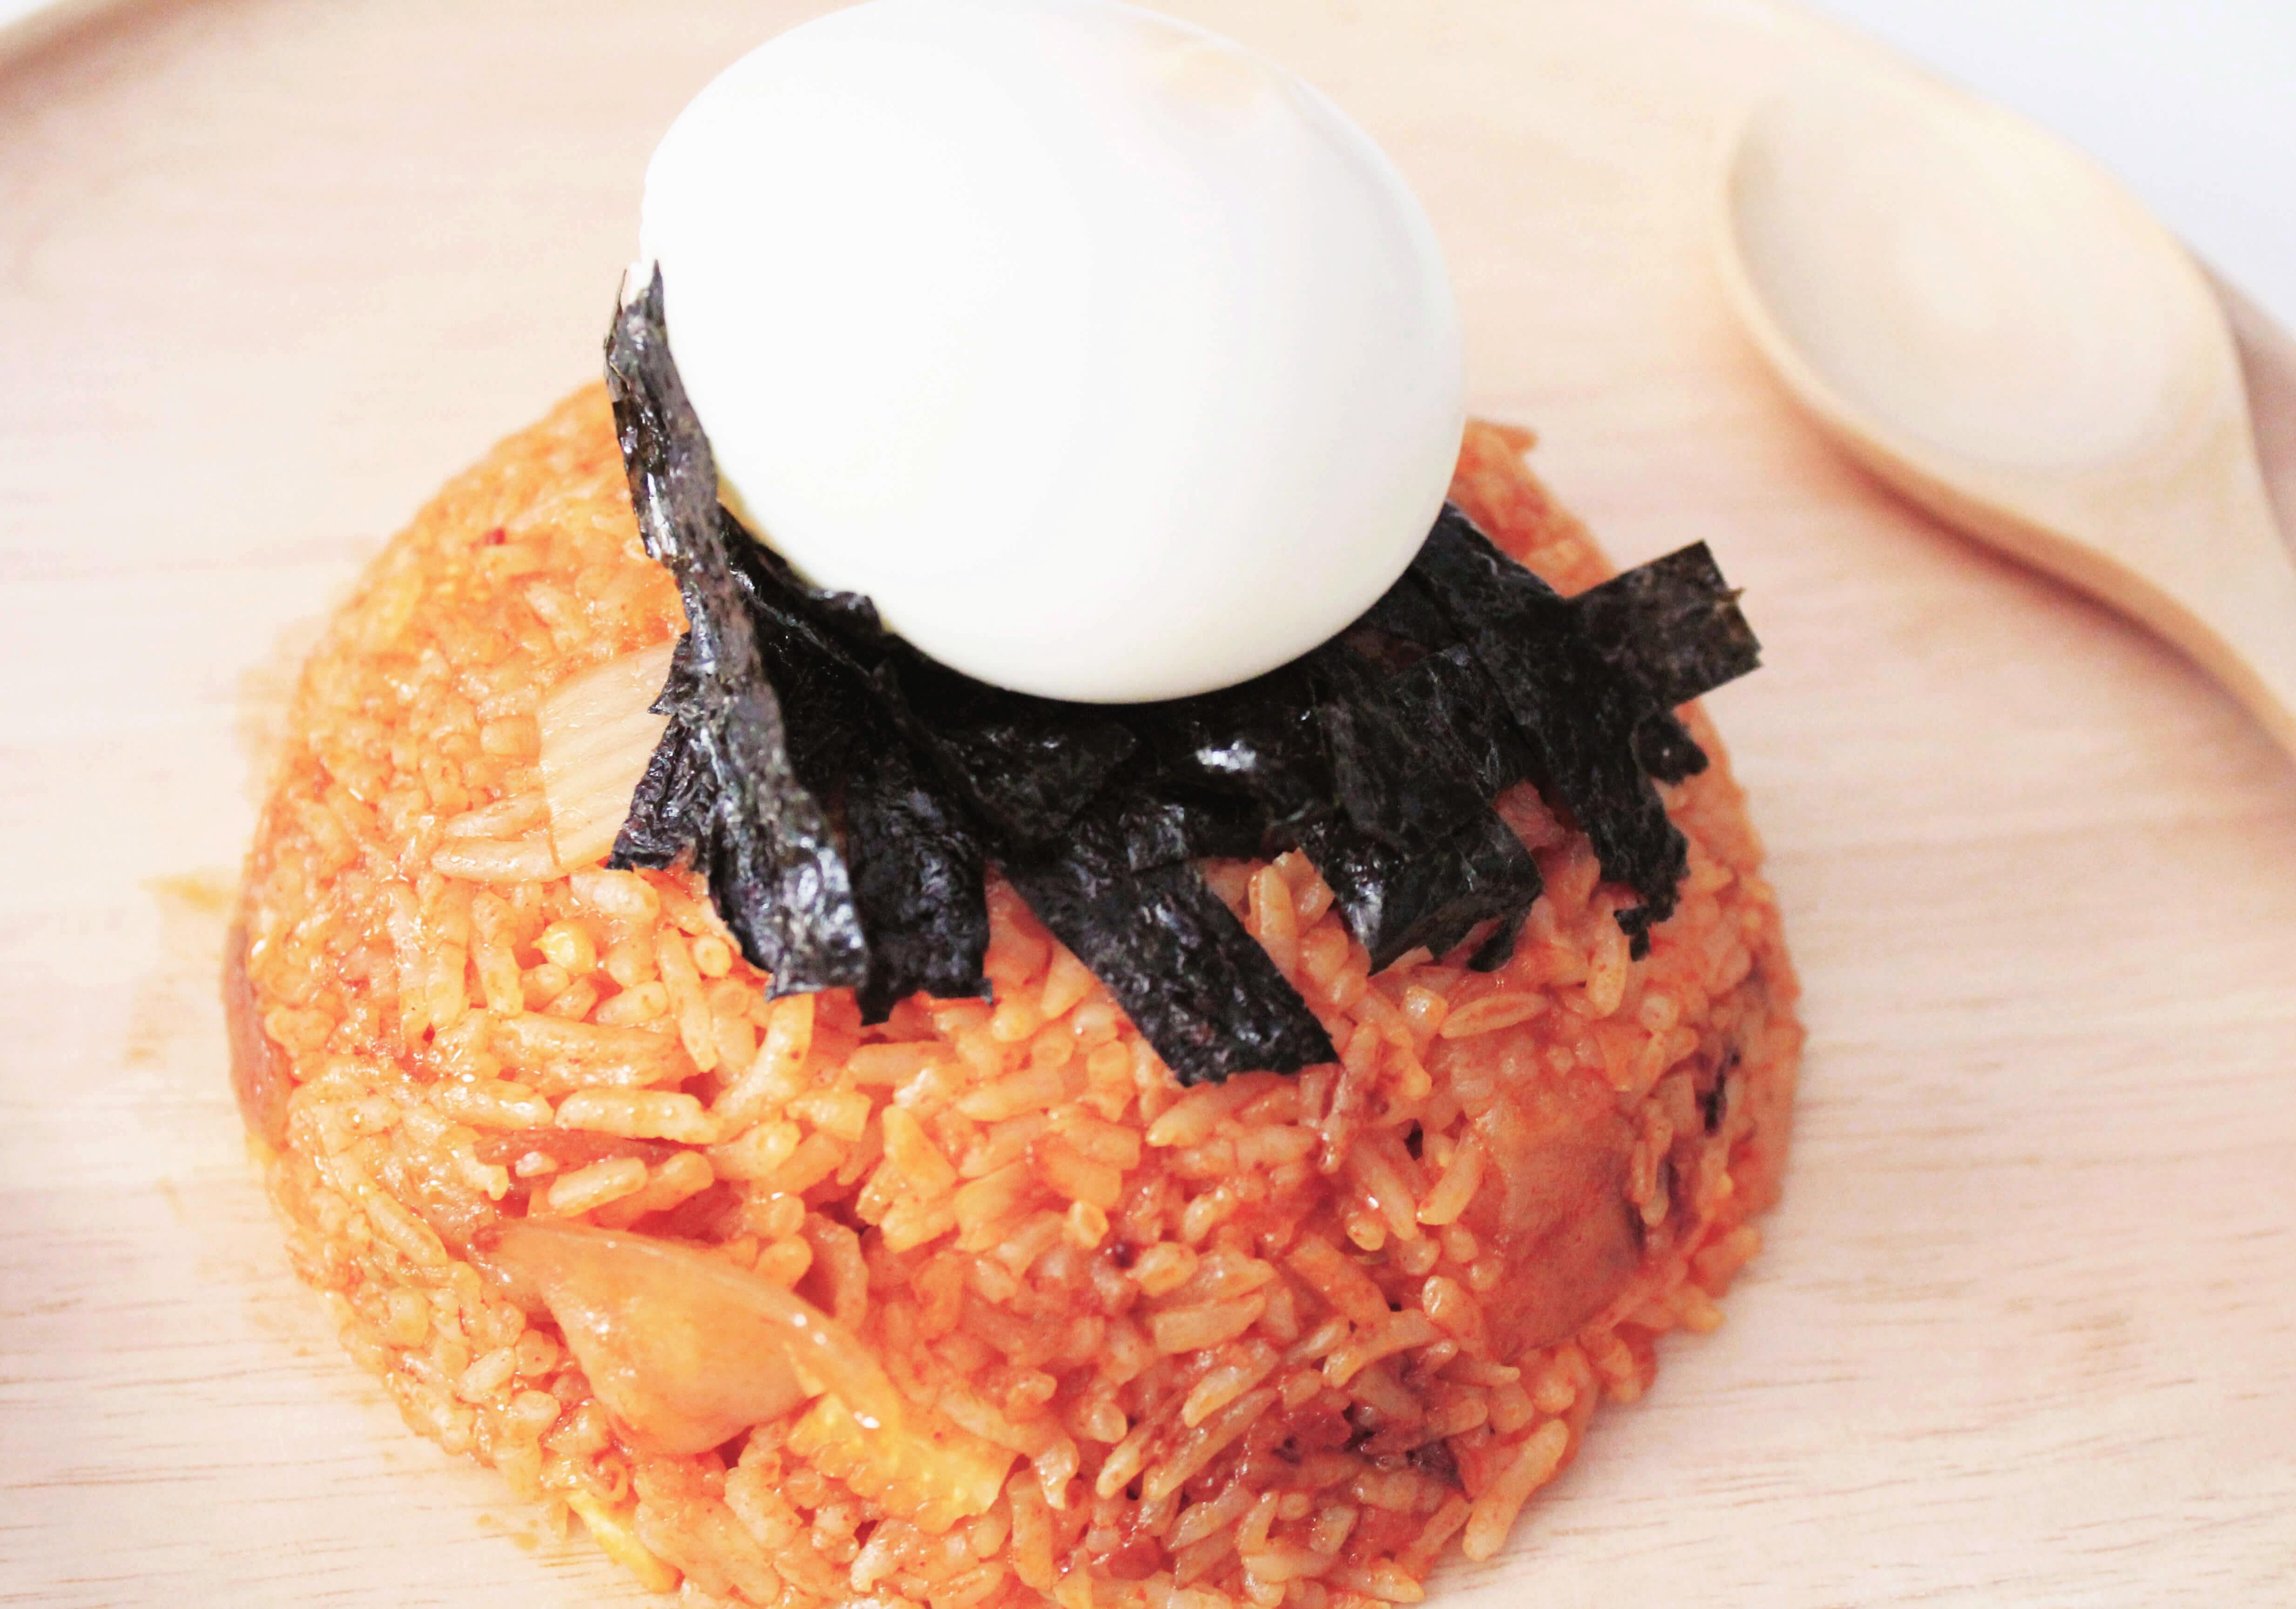 ข้าวผัดกิมจิ-วิธีทำข้าวผัดกิมจิ